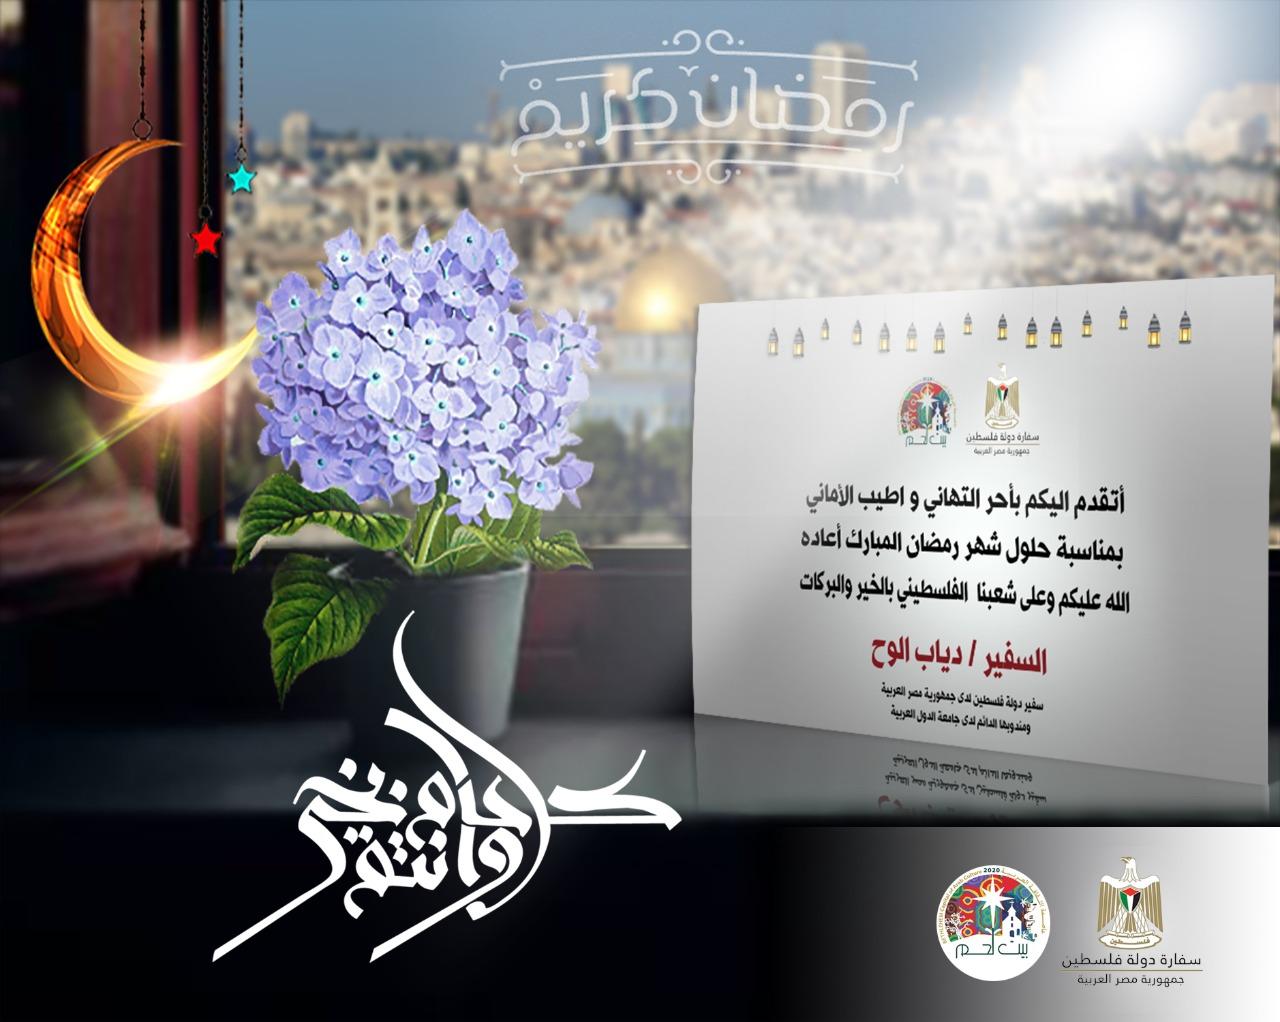 سفارة دولة فلسطين تهنىء الشعبين الفلسطيني والمصري لمناسبة حلول شهر رمضان الفضيل